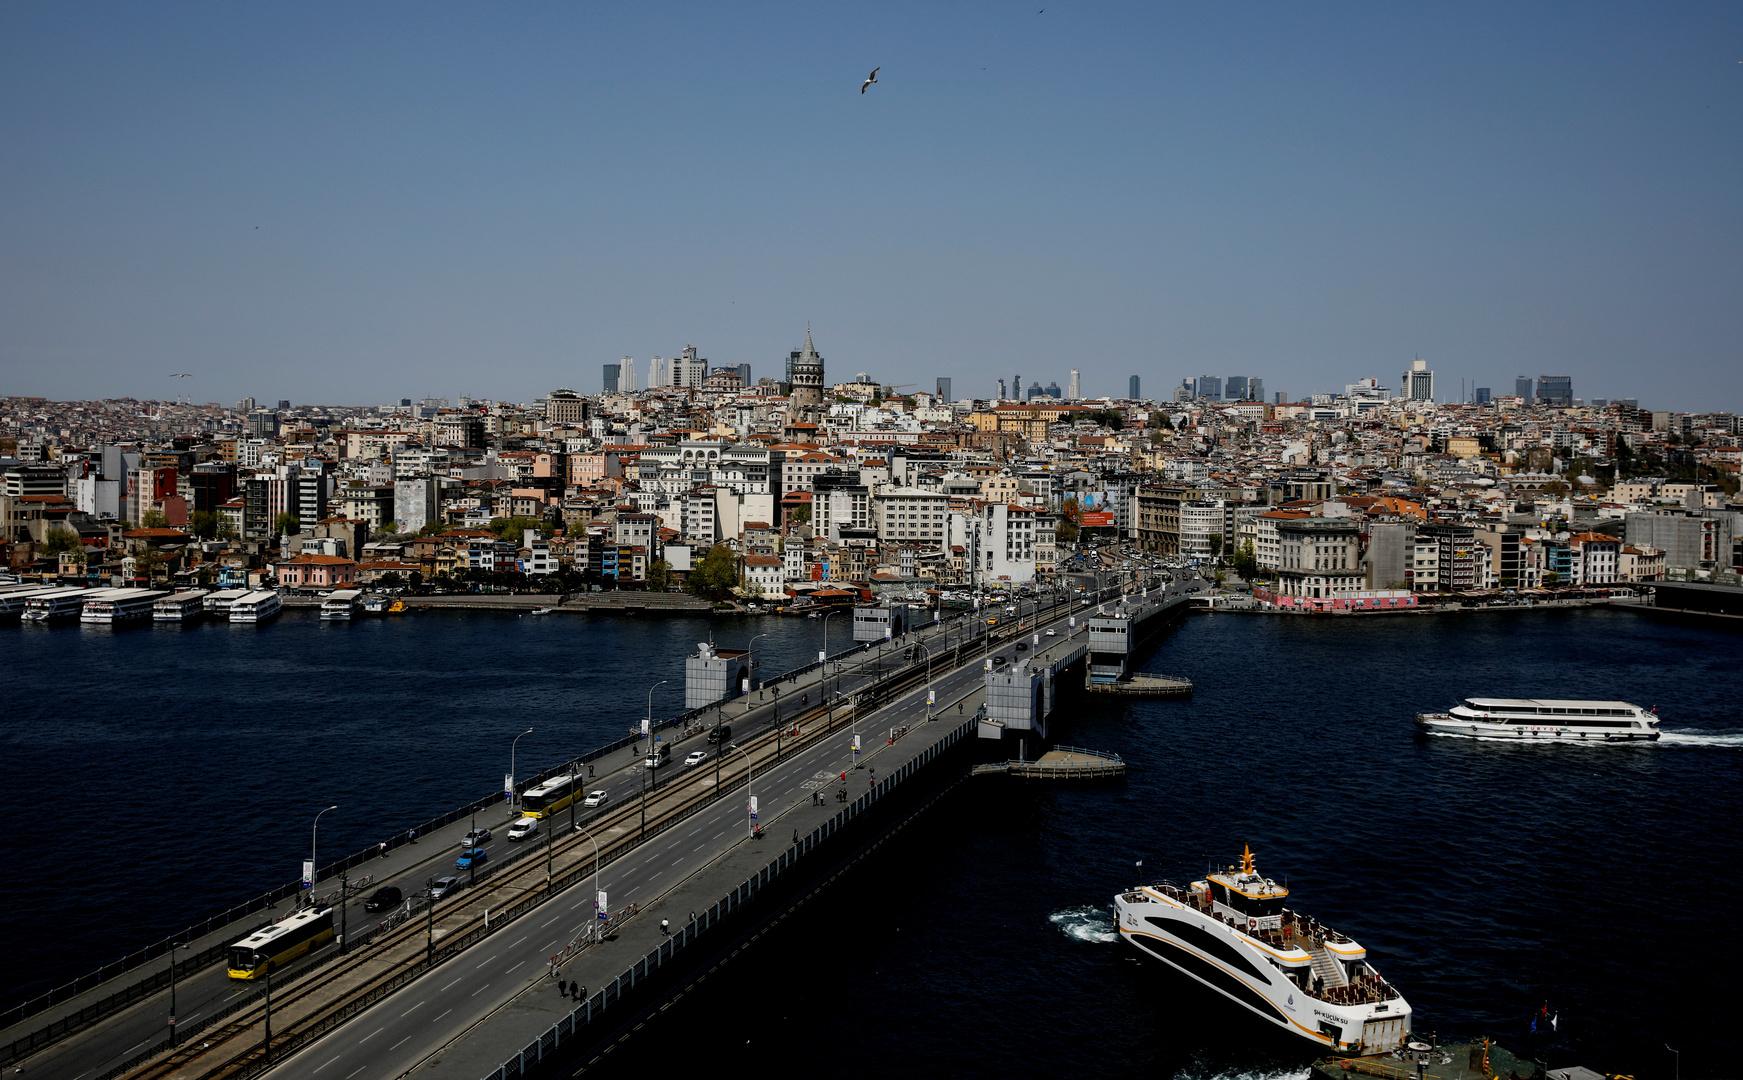 تركيا تسجل تراجعا جديدا لمعدل الإصابات والوفيات اليومية بكورونا وسط ارتفاع كبير للمتعافين